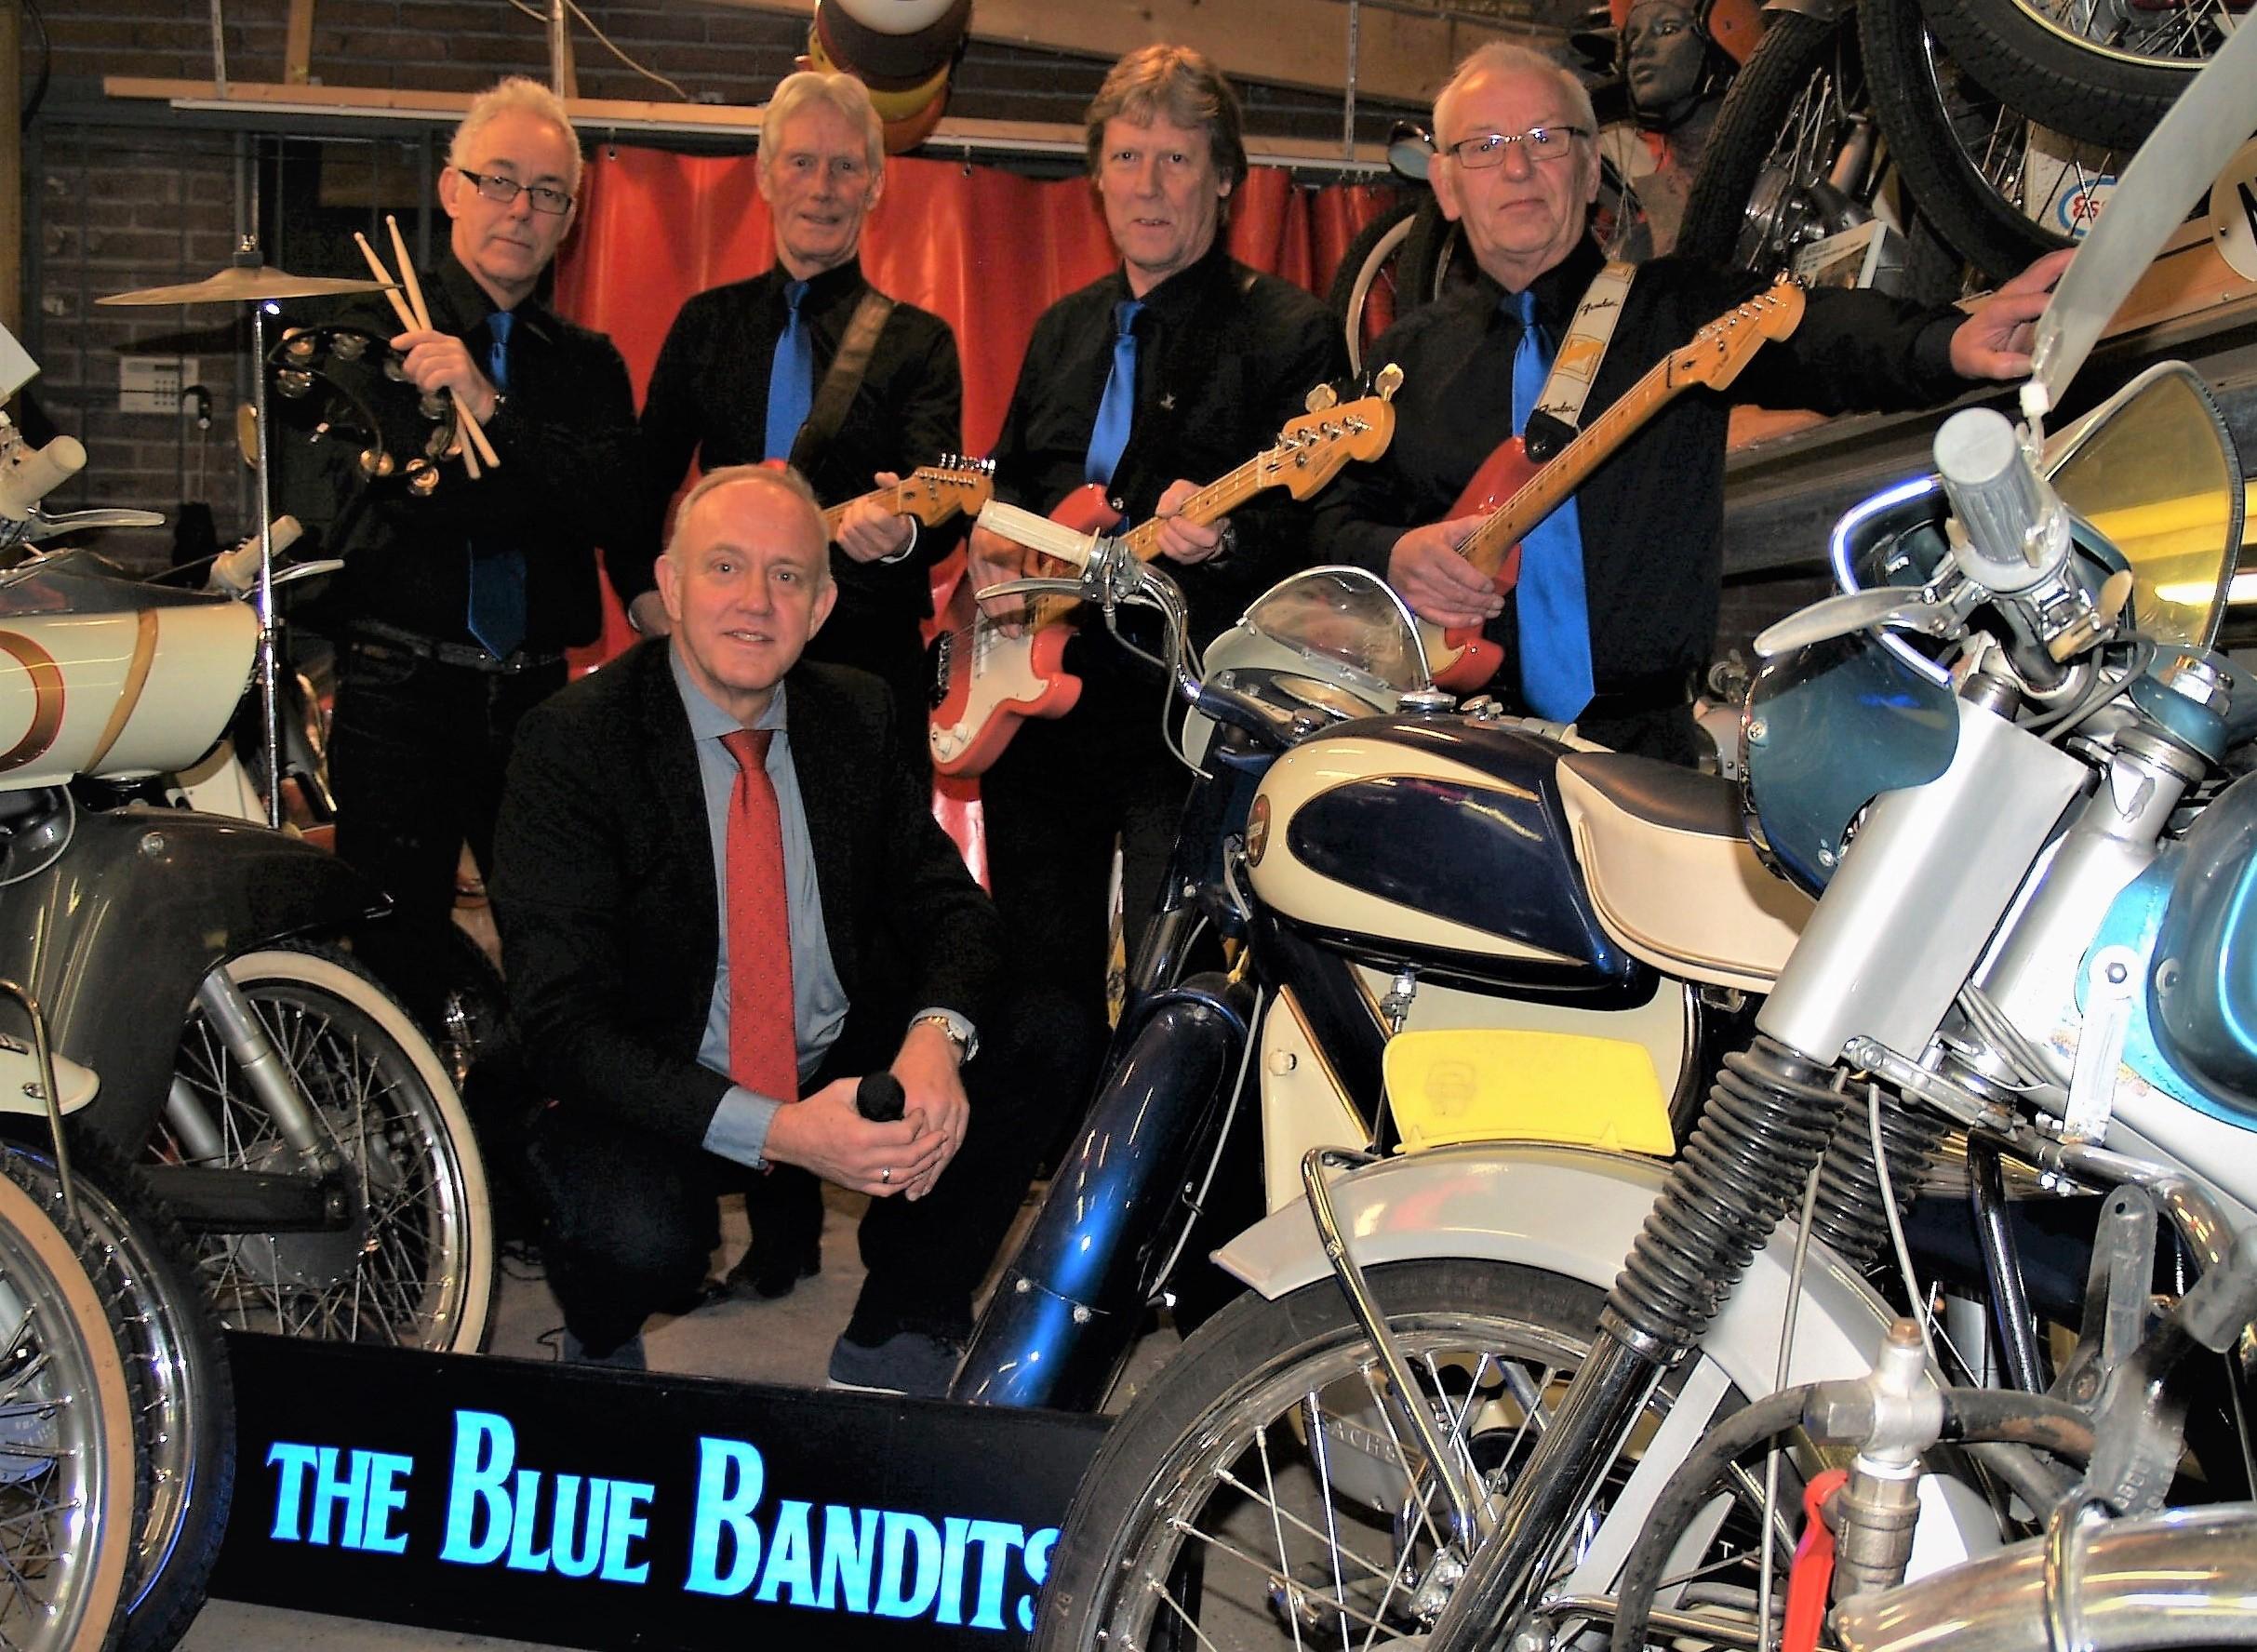 The Blue Bandits spelen nummers uit de sixties. (Foto: aangeleverd)